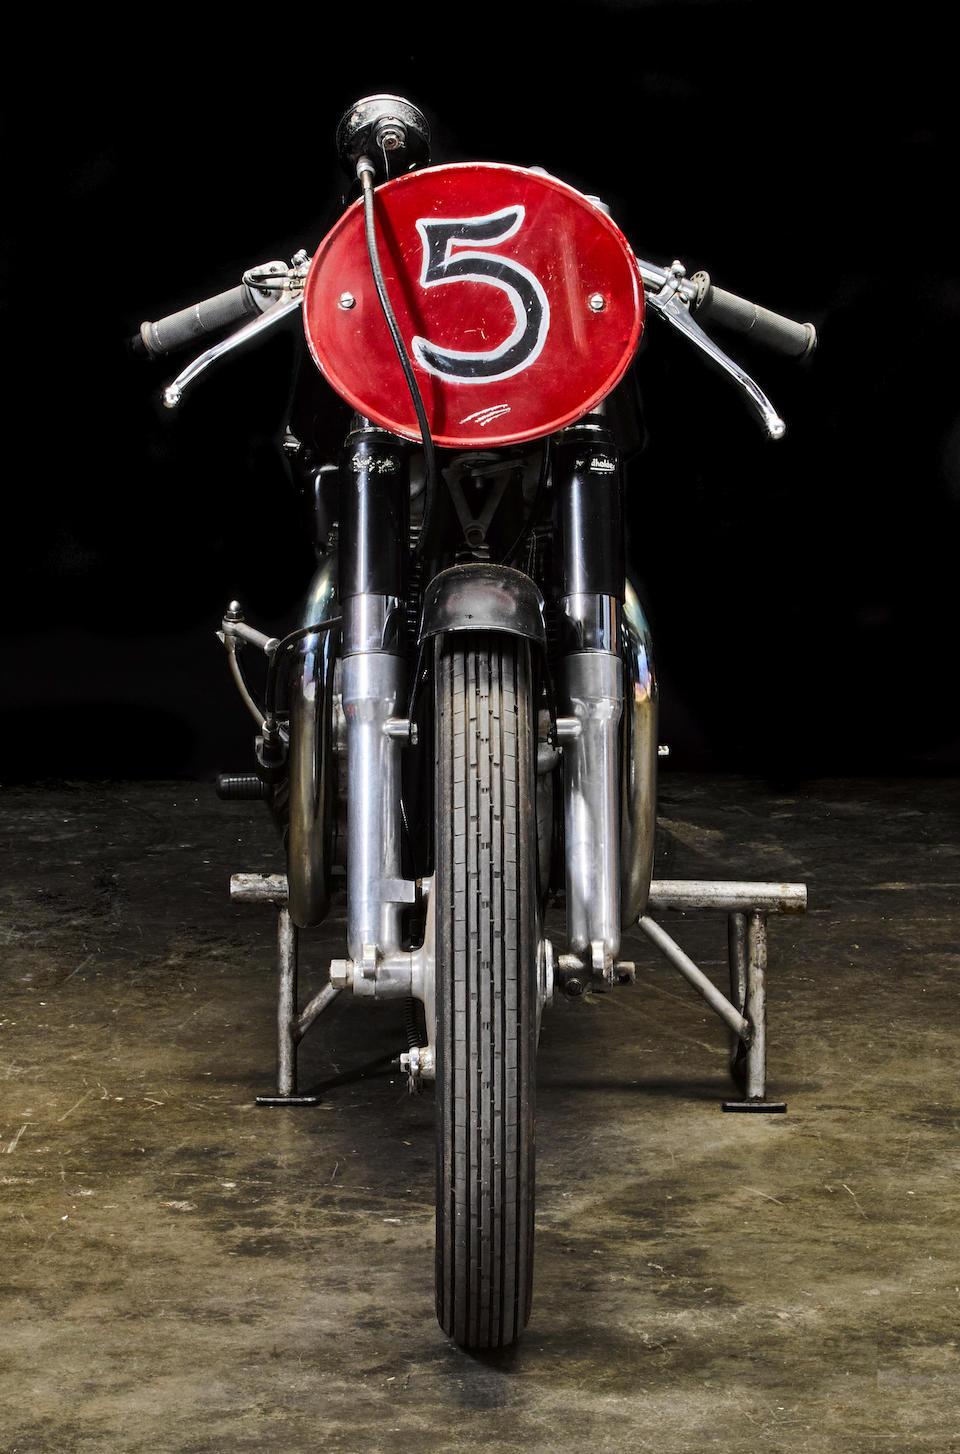 c.1966 Norton 750cc 'Featherbed' Road Racing Motorcycle Frame no. 1 8104905 Engine no. 221011